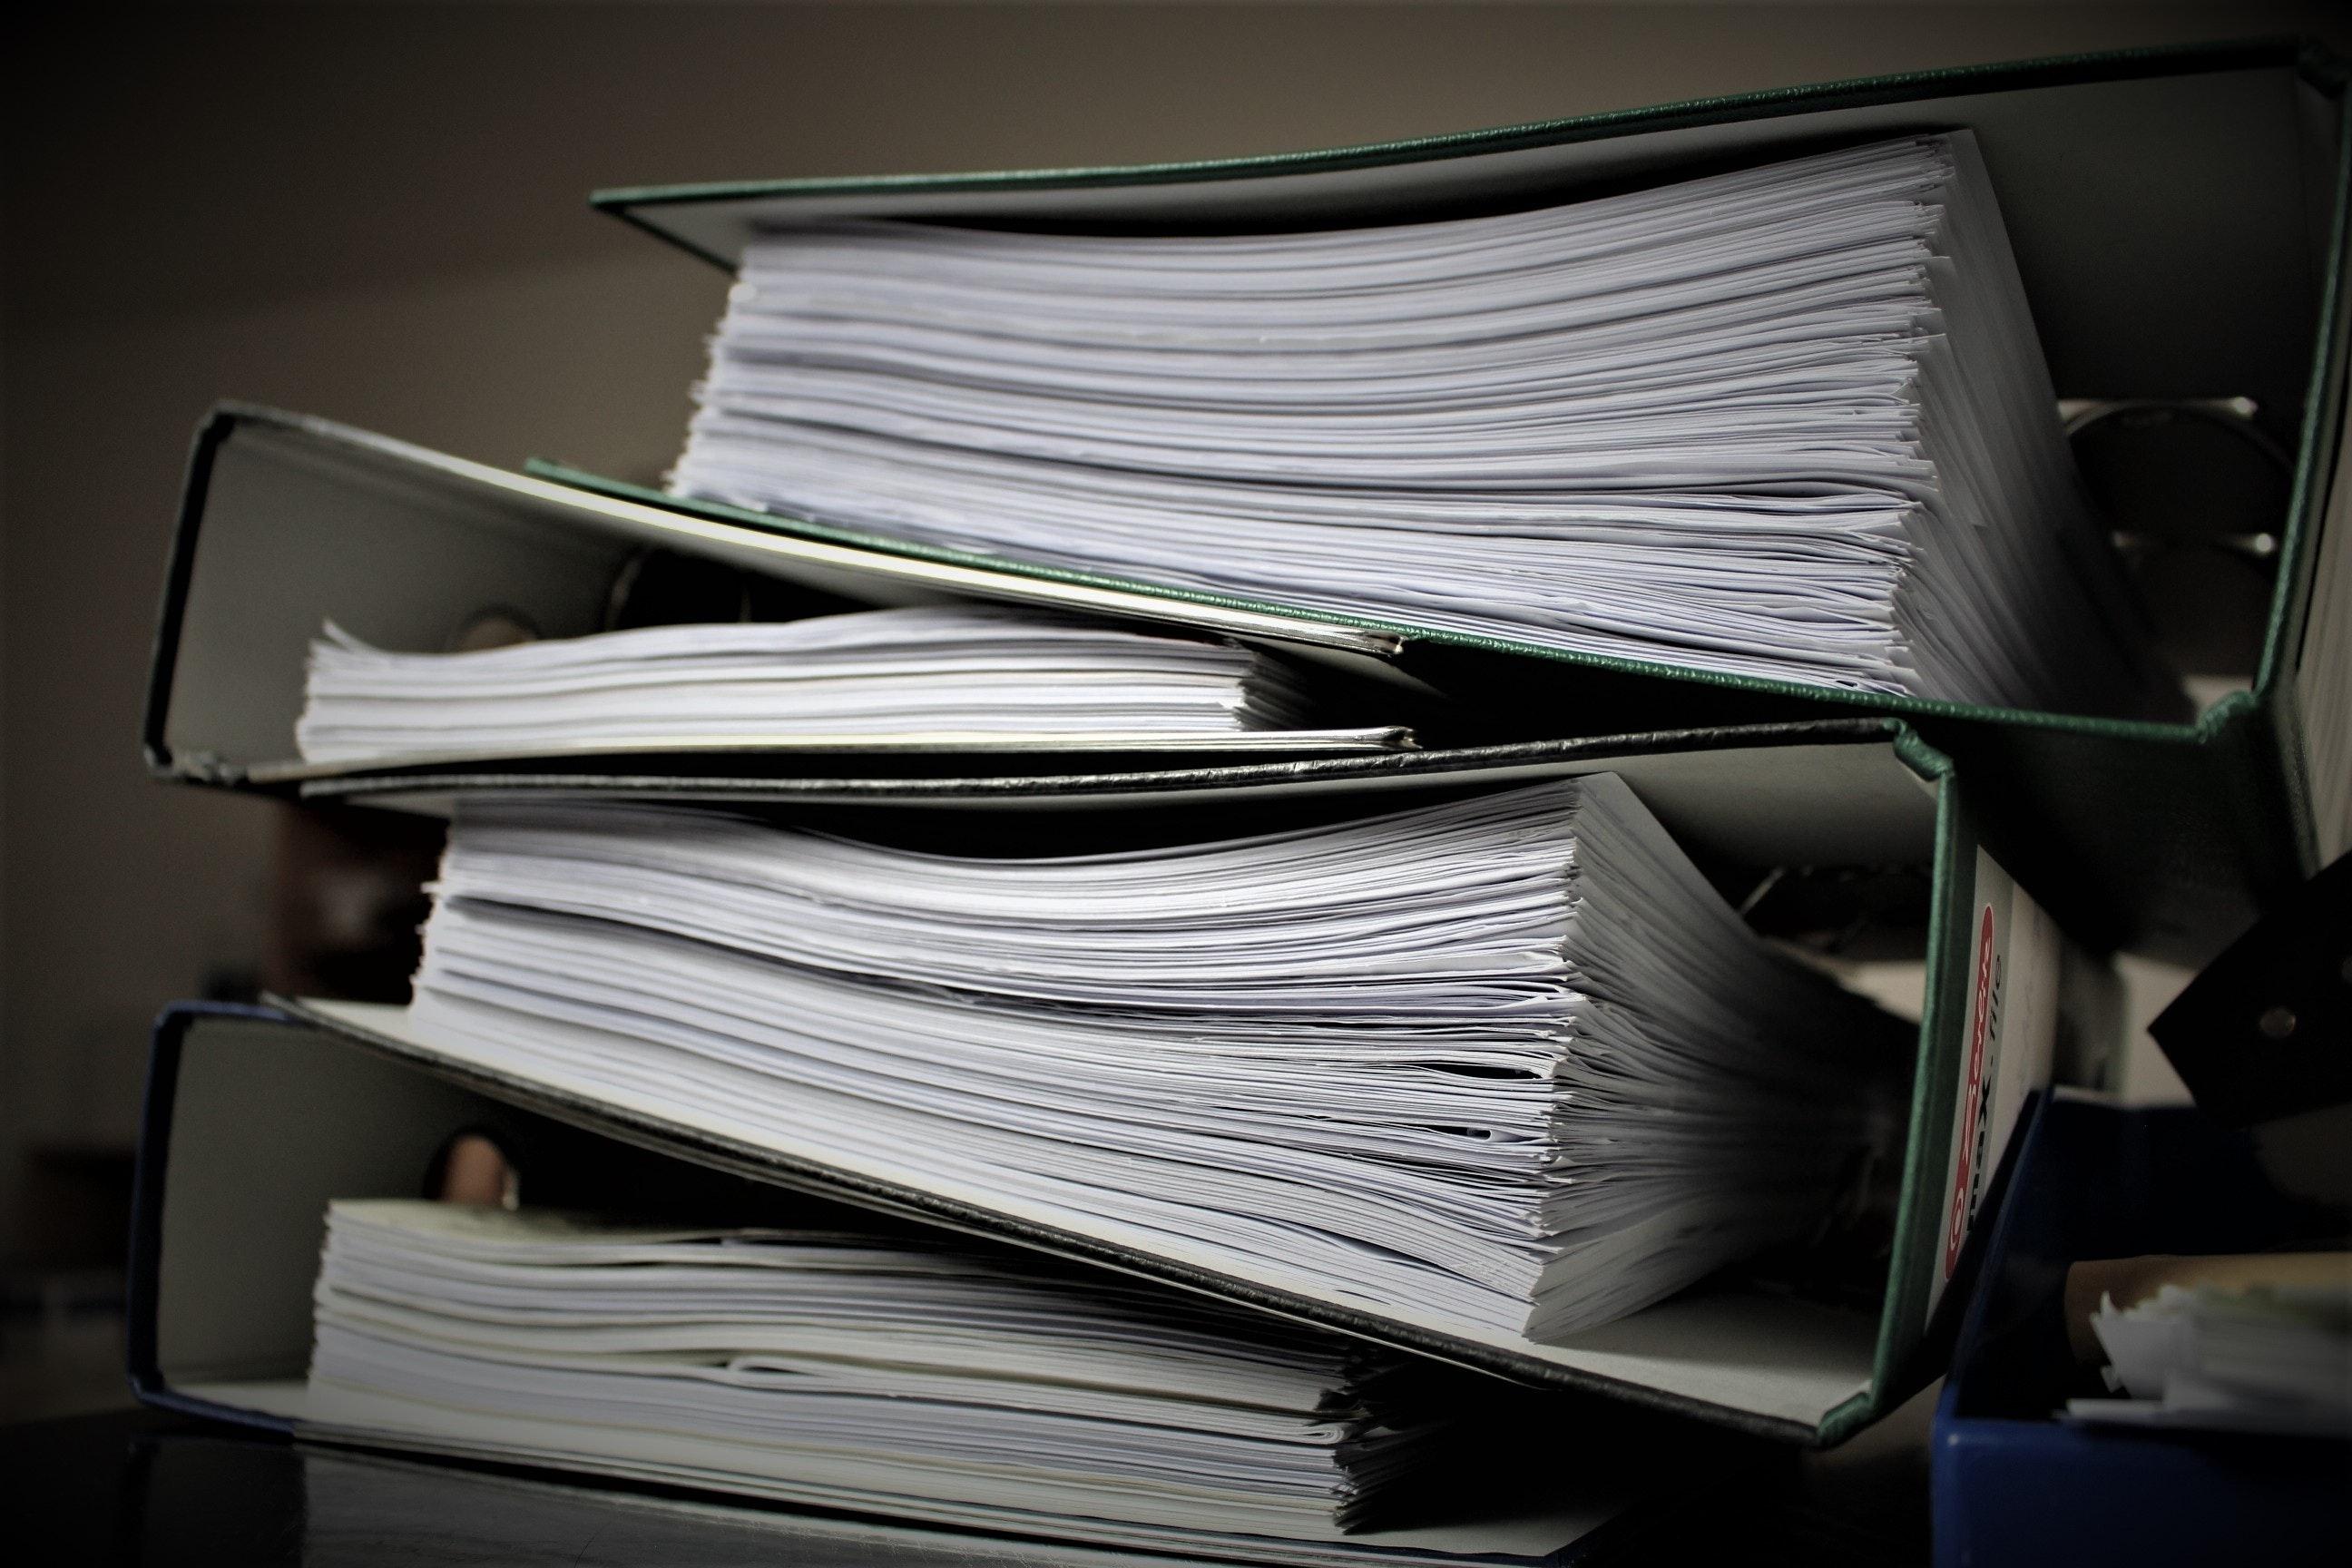 《生物安全柜》国家强制标准征集意见稿发布